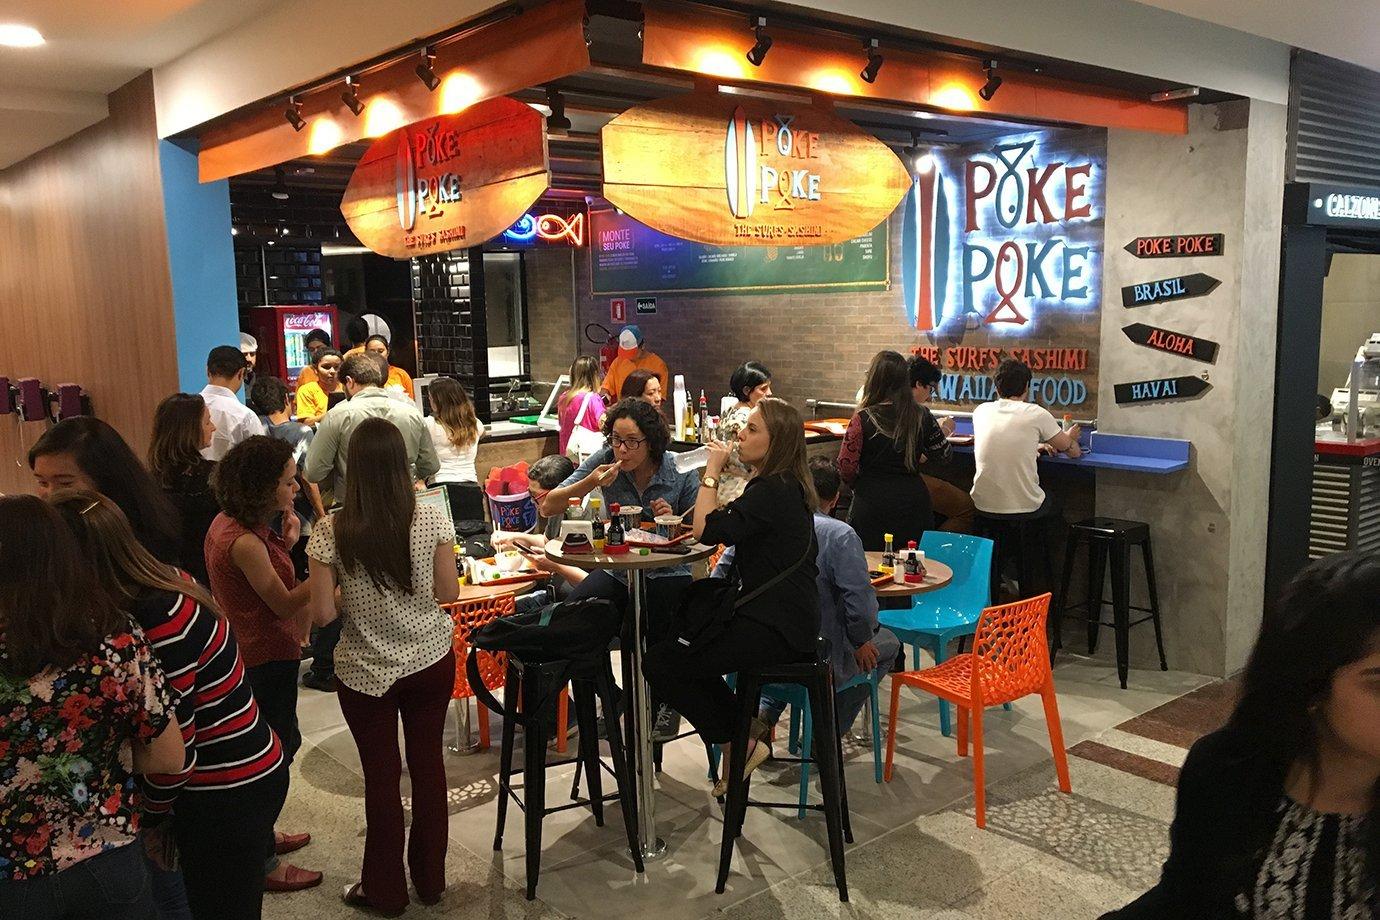 Restaurante do Poke Poke, no centro de São Paulo